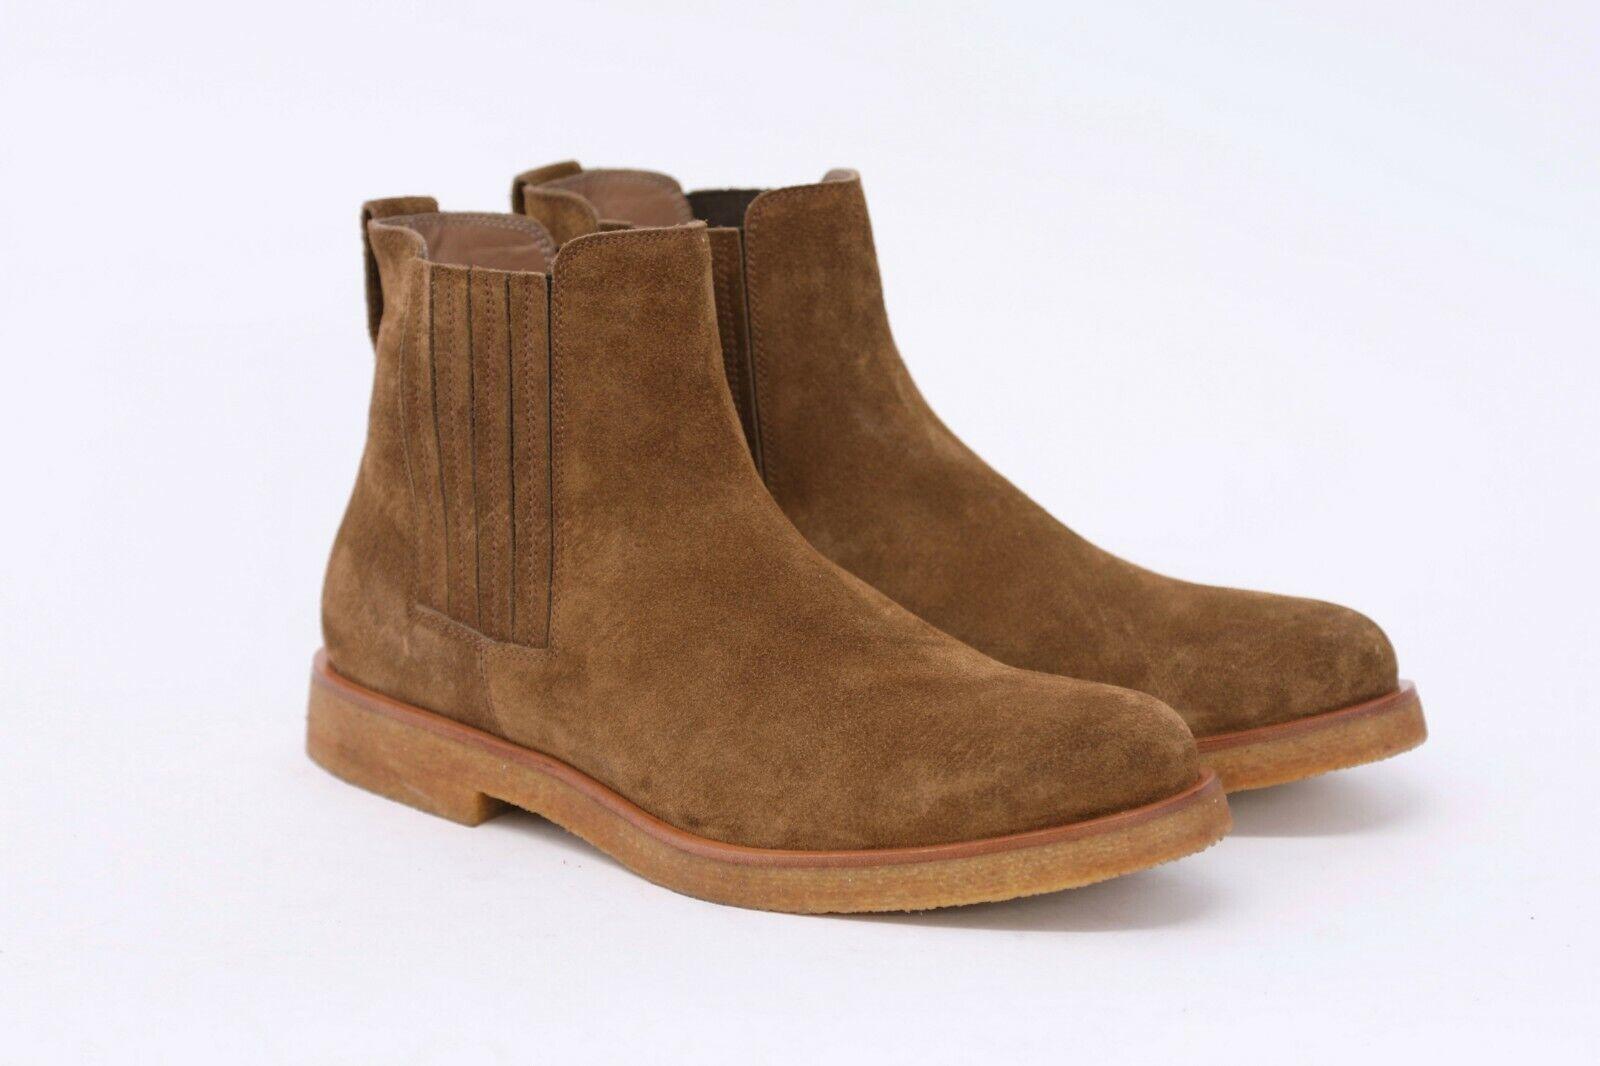 grandi prezzi scontati NWOB 1375 1375 1375 Brunello Cucinelli Uomo 100% Leather Suede Chelsea stivali 42 8.5US A191  prezzo all'ingrosso